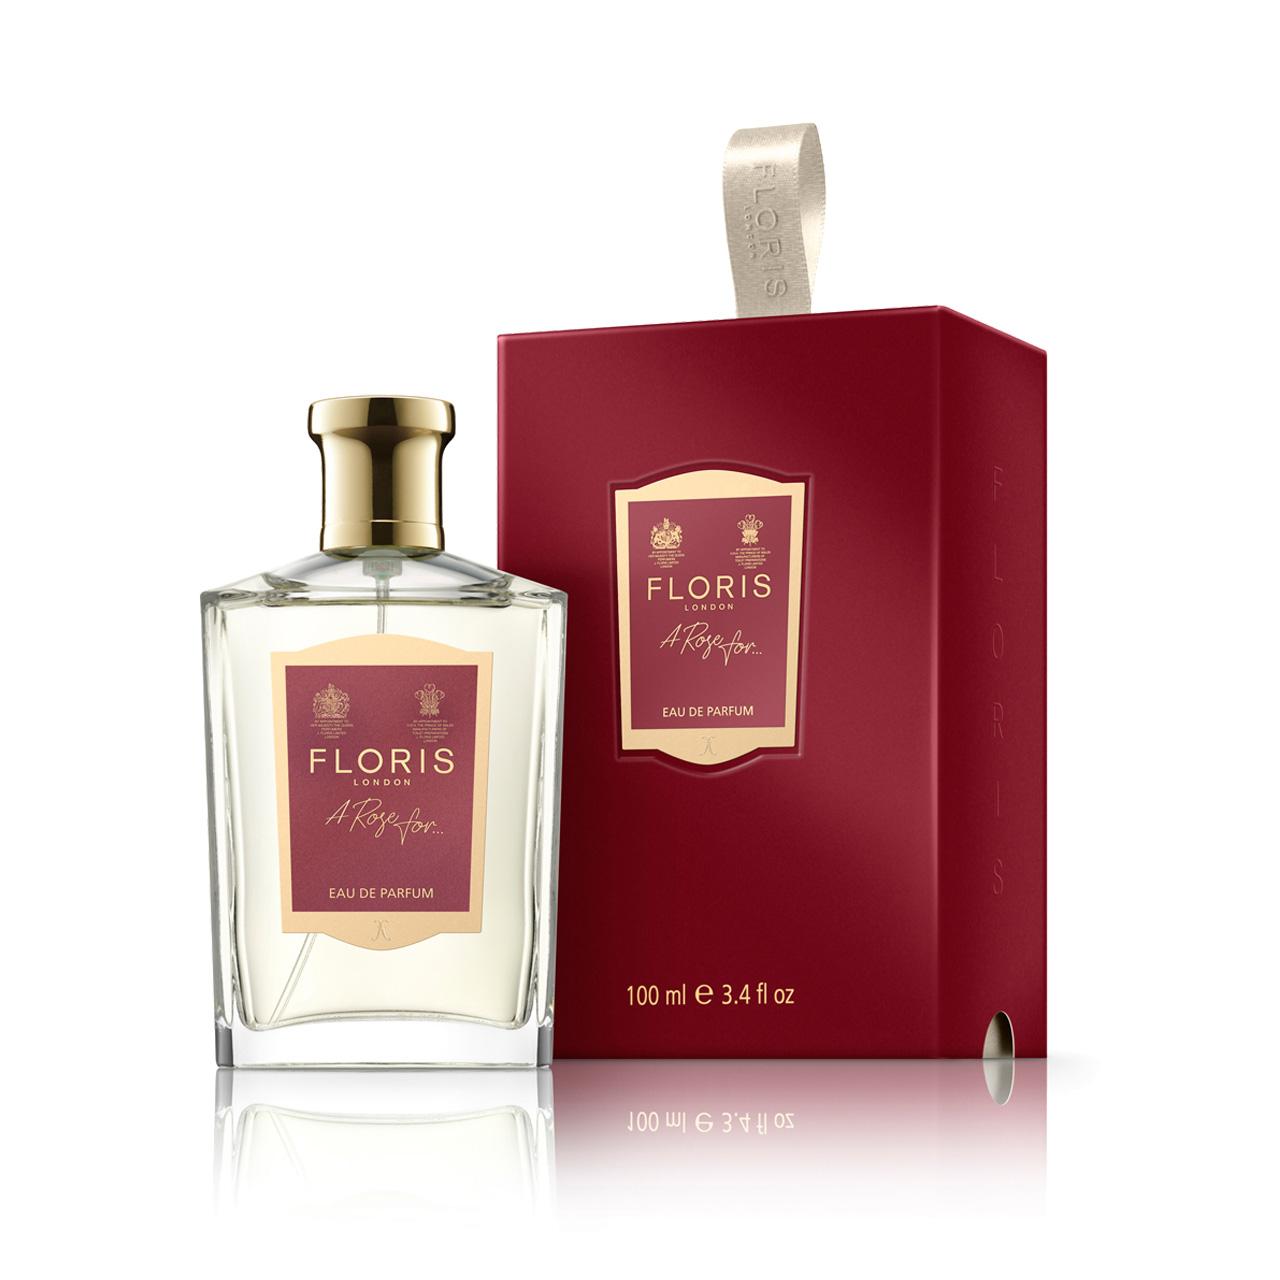 A Rose For... - Eau de Parfum - Private Collection